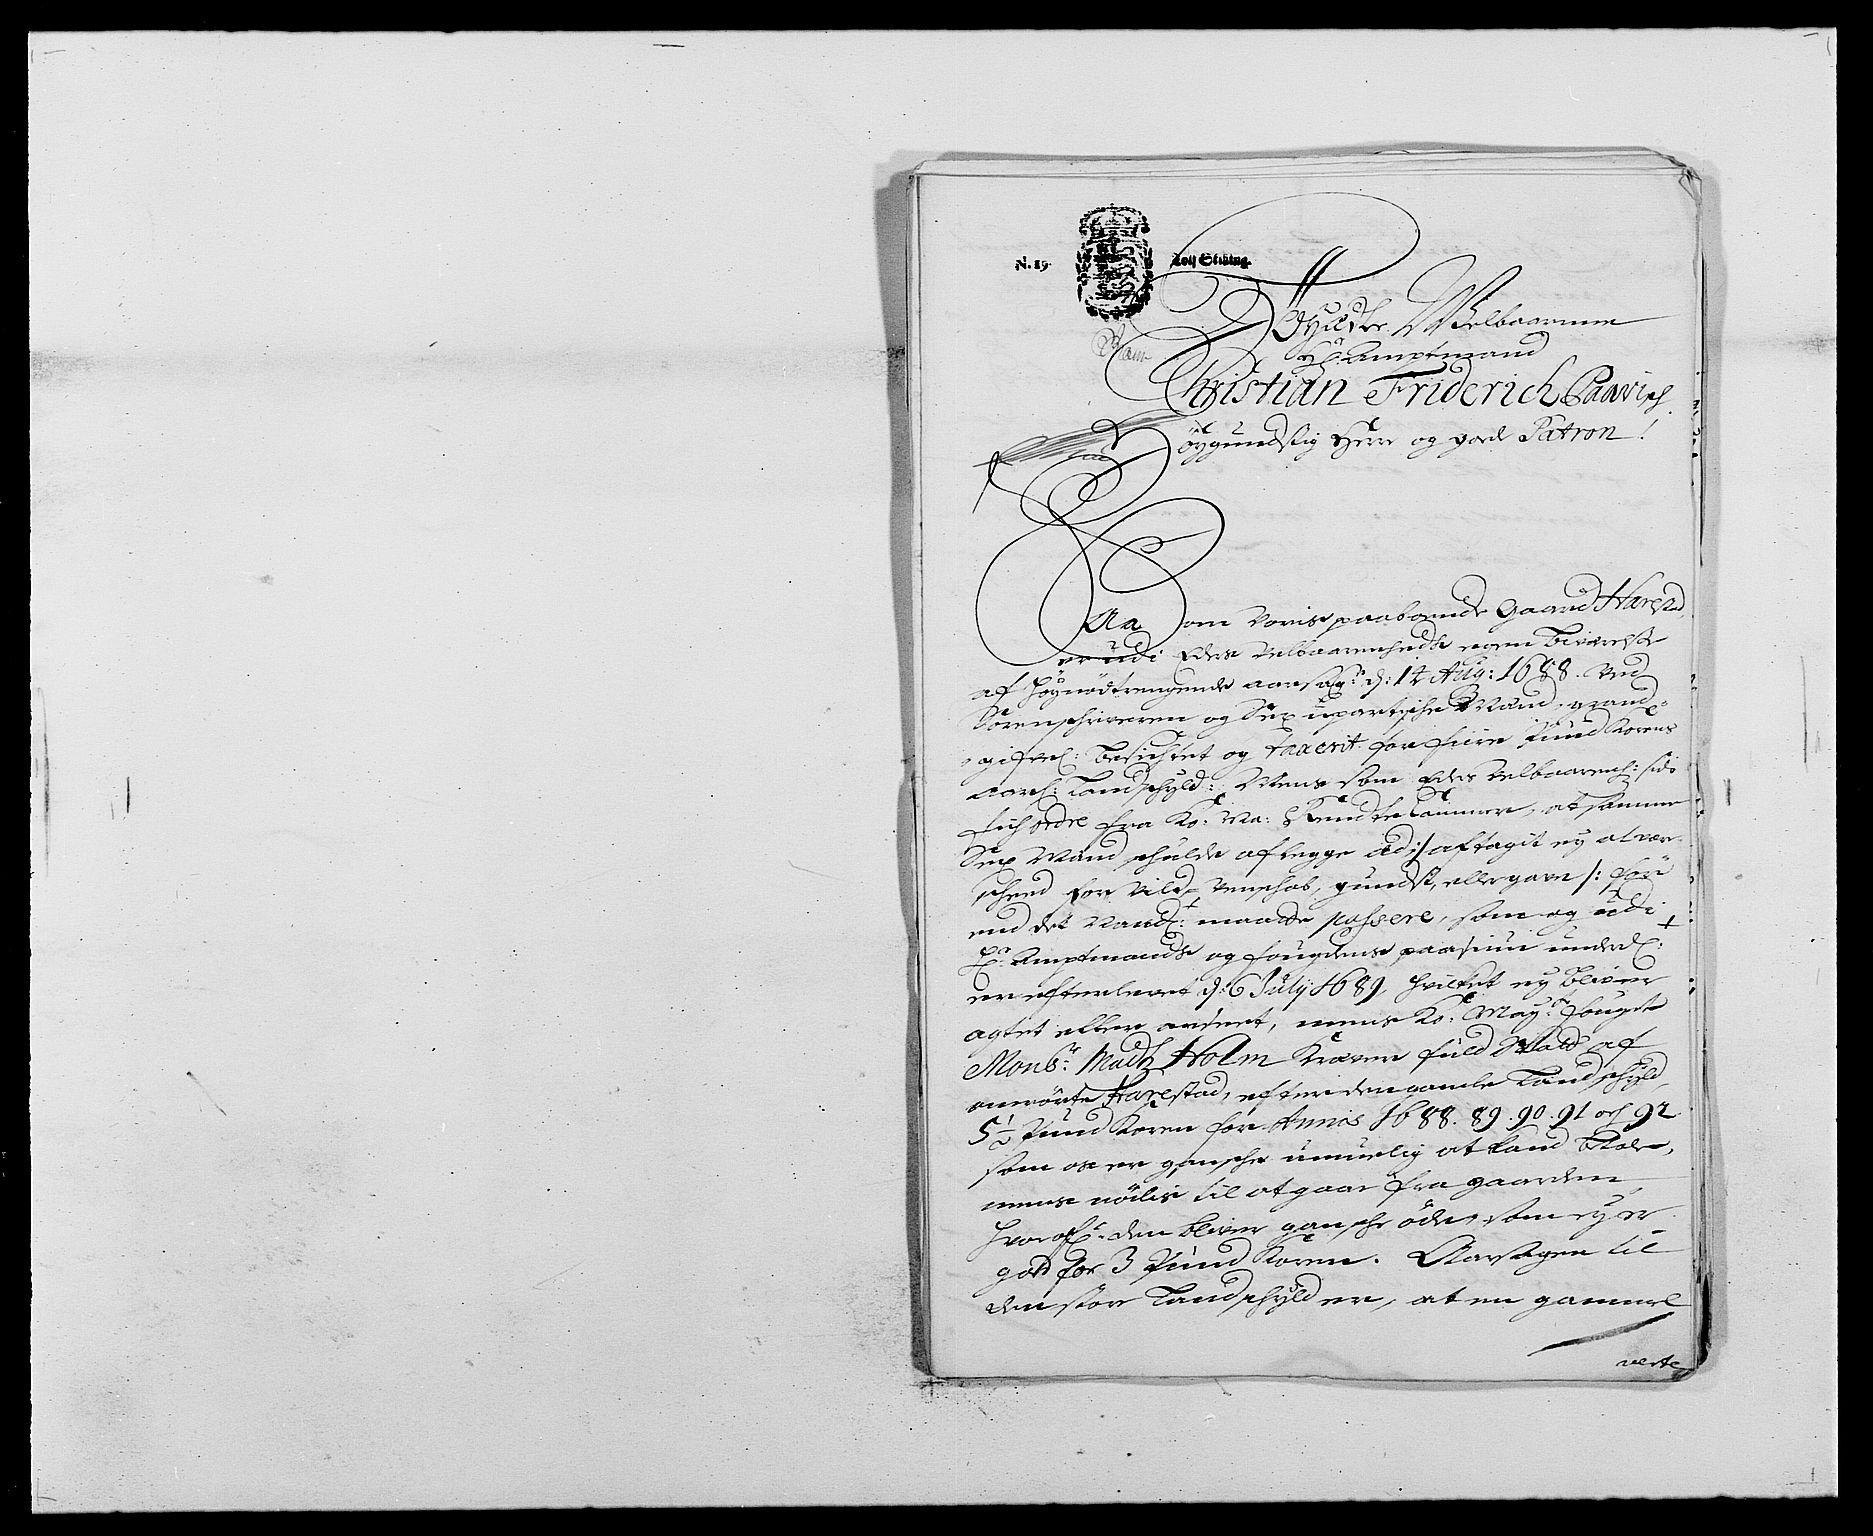 RA, Rentekammeret inntil 1814, Reviderte regnskaper, Fogderegnskap, R46/L2727: Fogderegnskap Jæren og Dalane, 1690-1693, s. 212